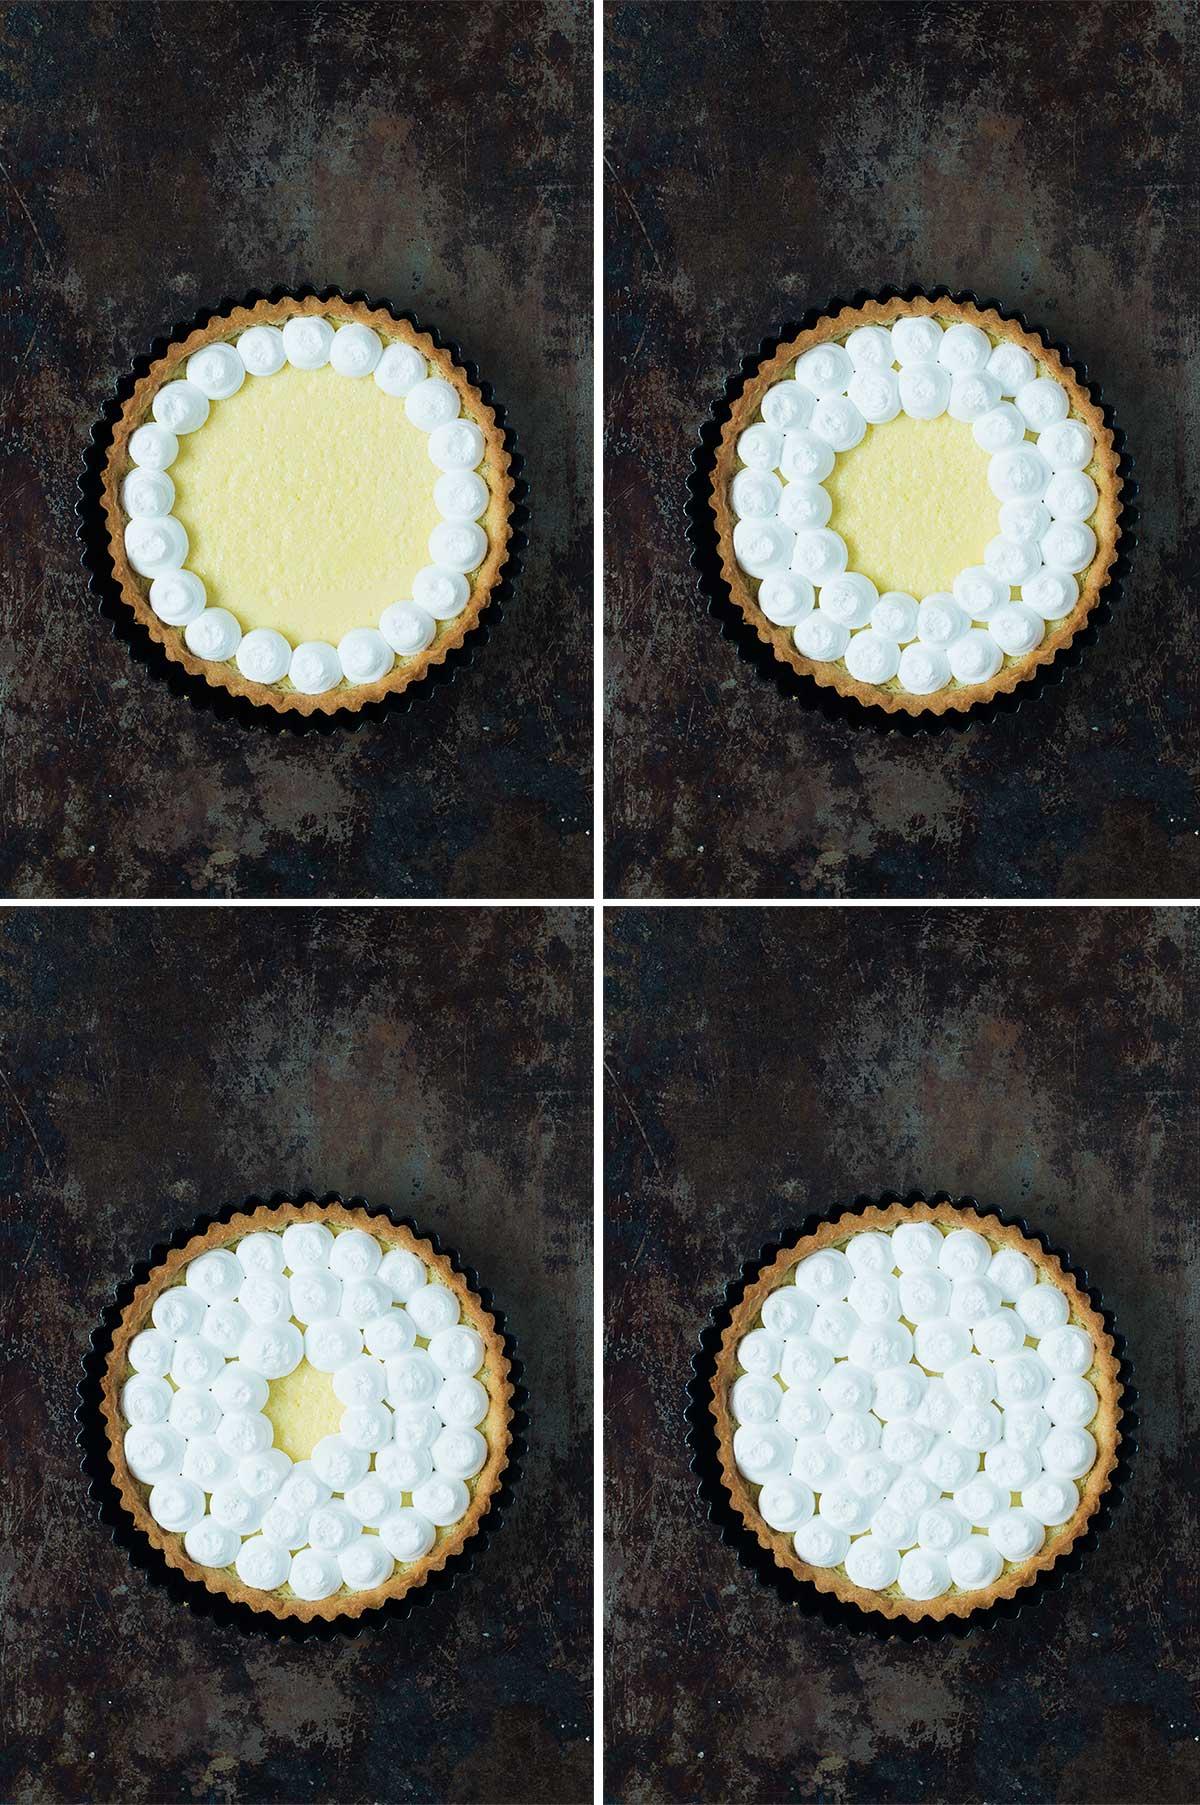 Recept: Citronpaj med italiensk maräng | Fröken Kräsen